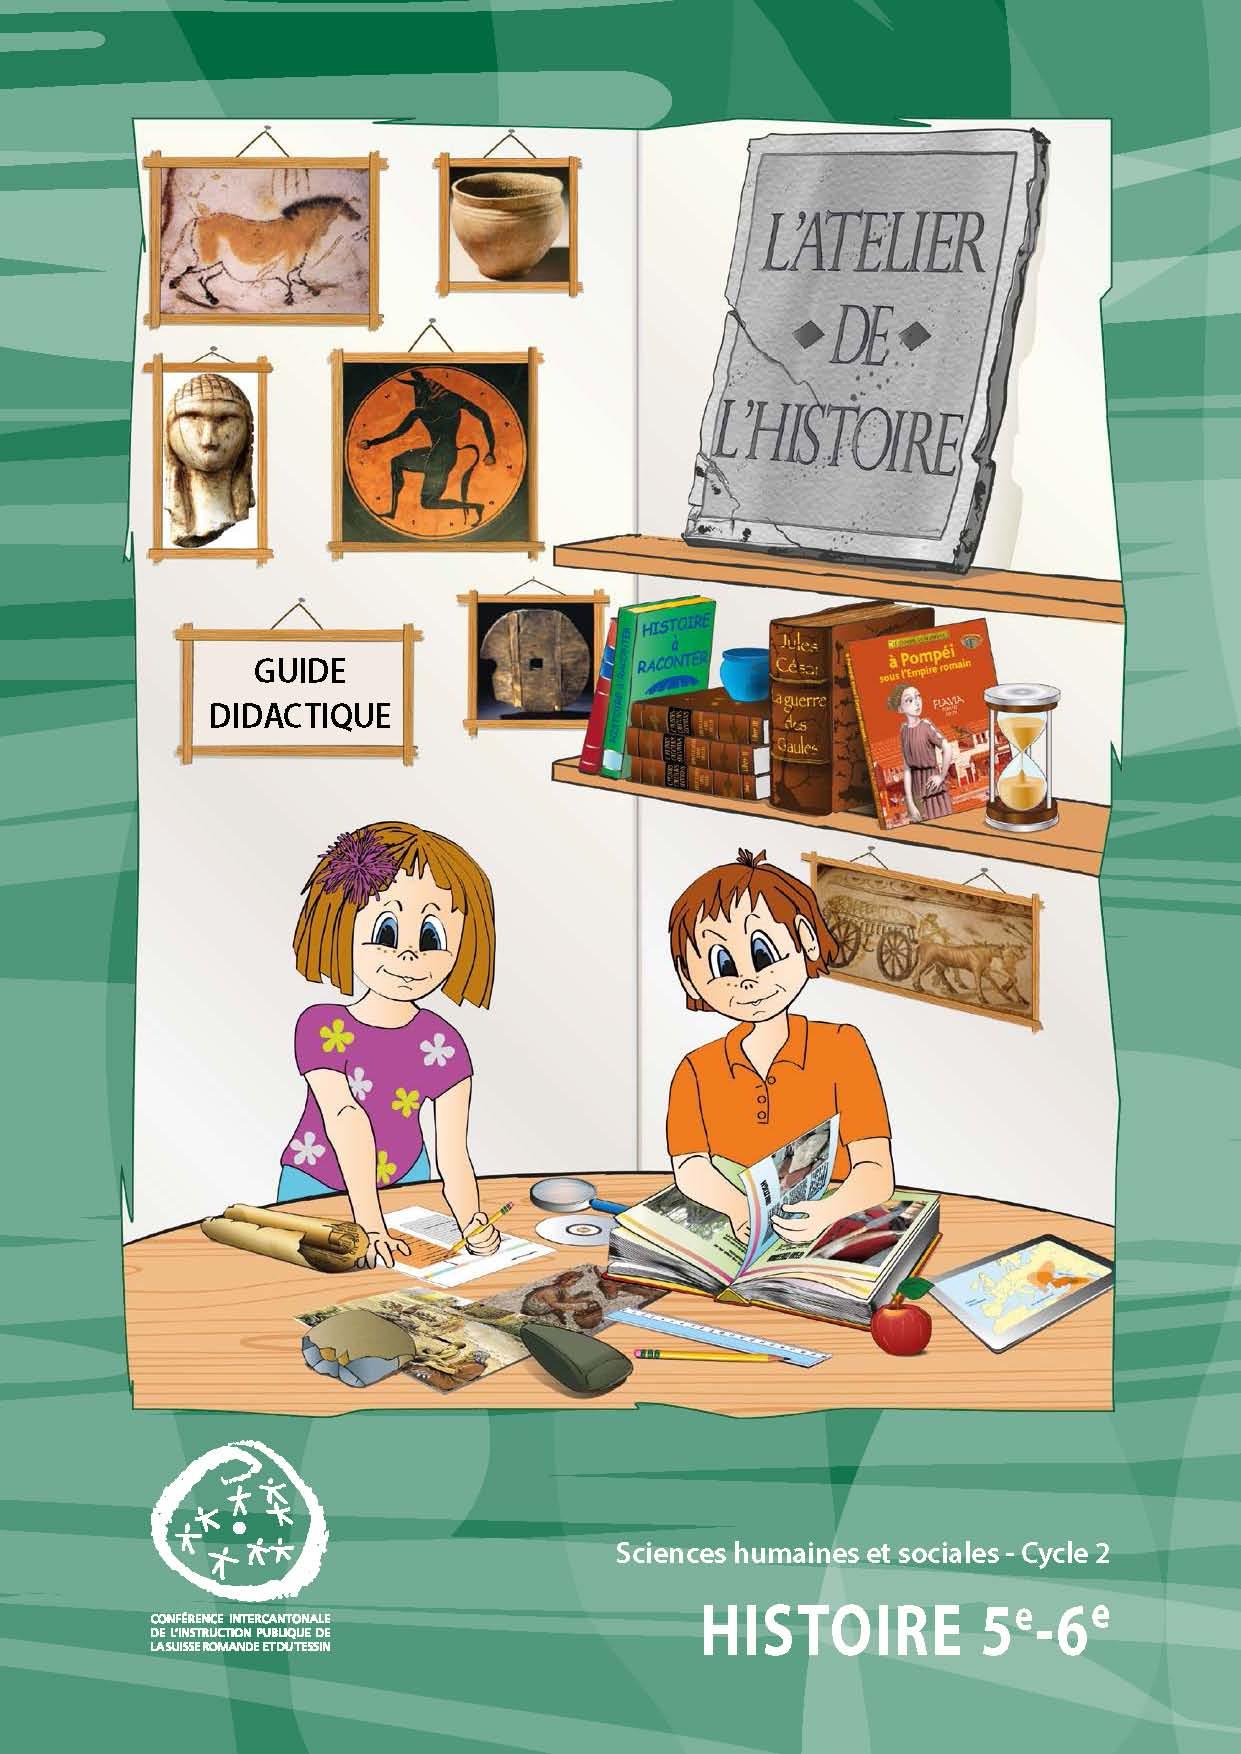 Histoire HarmoS 5e et 6e : l'atelier de l'histoire, Stanescu-Mouron, M.